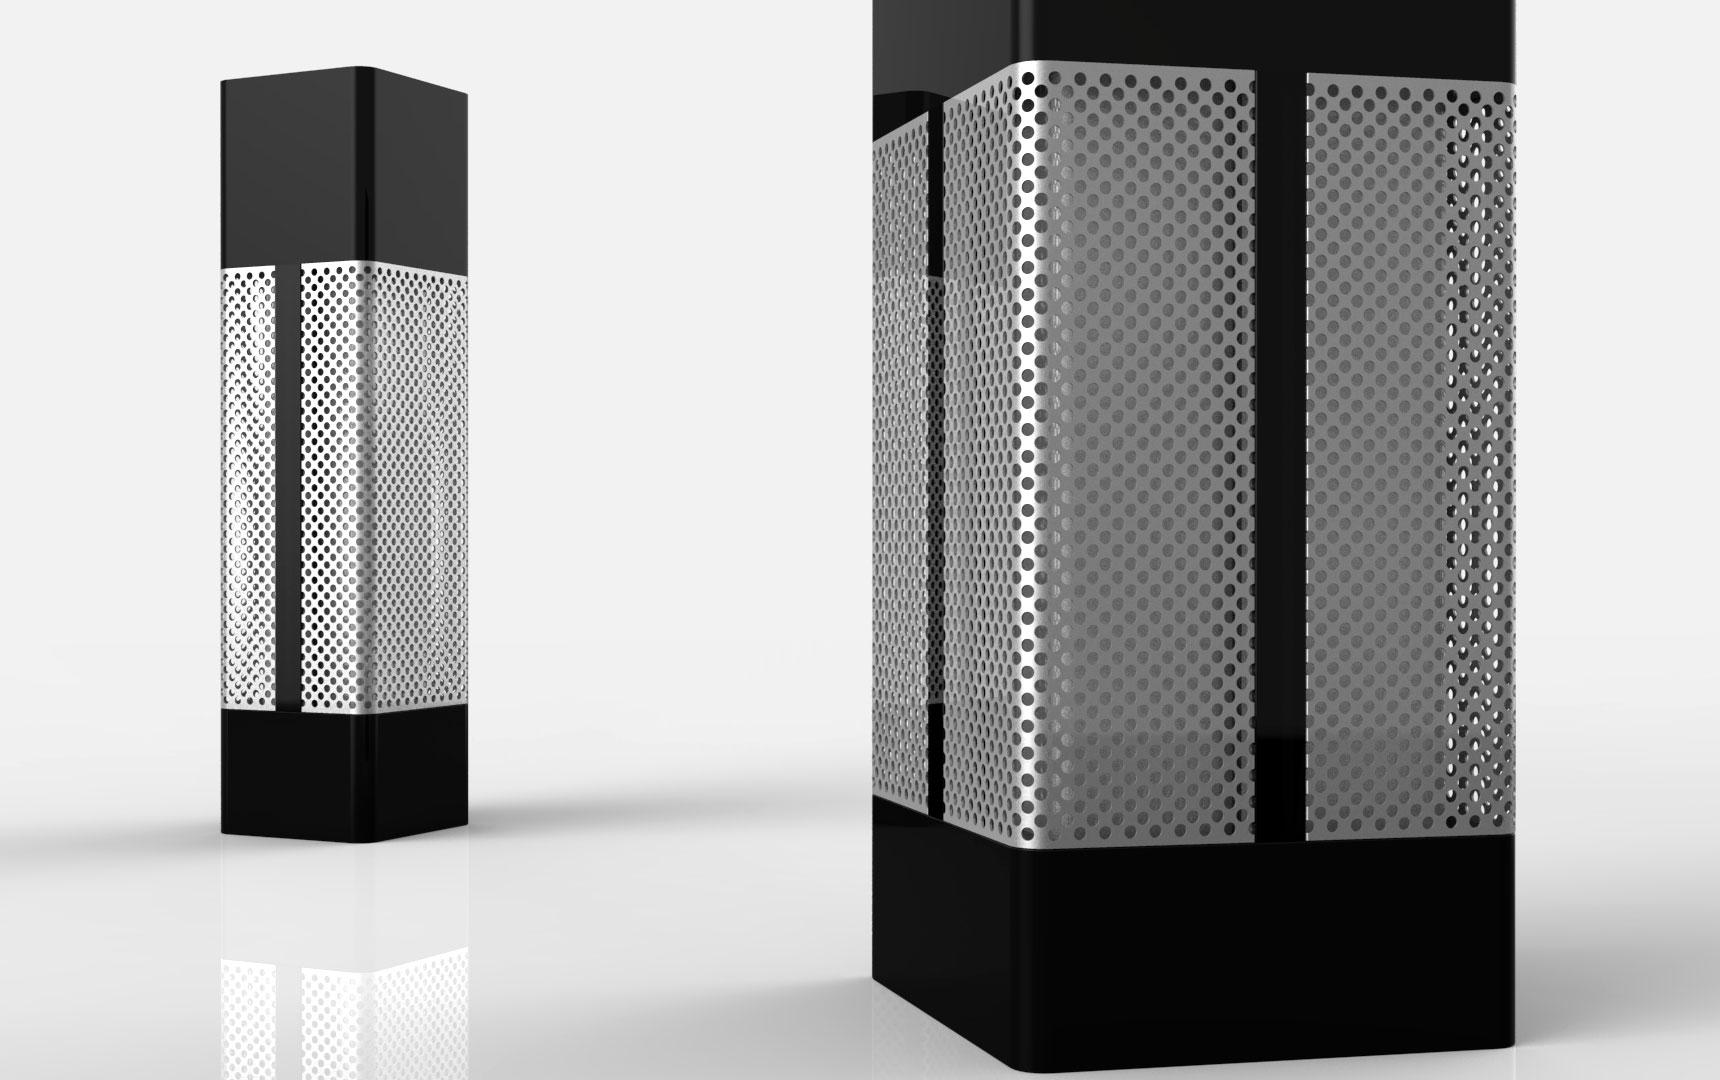 独立型セキュリティーロボット「KB-BOX」